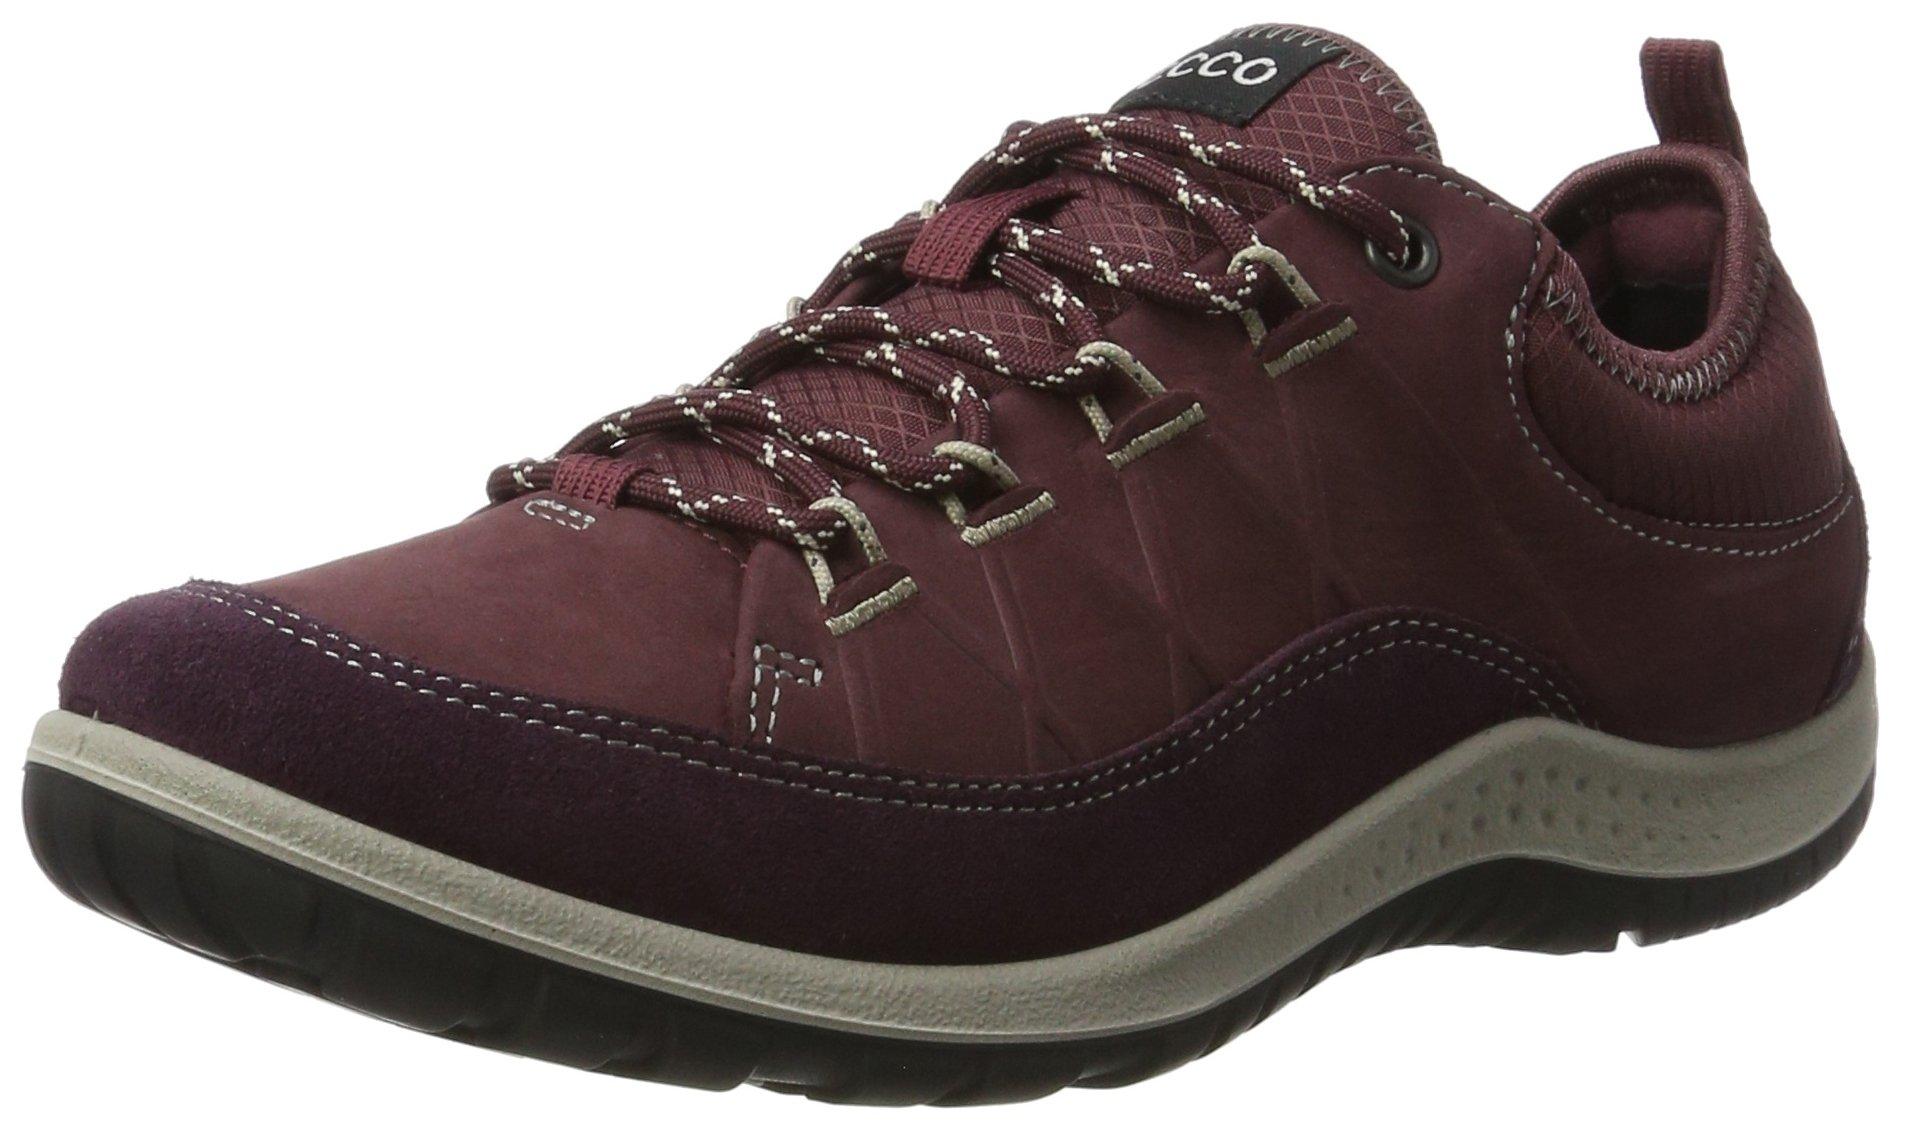 71ClBIb6NjL - ECCO Women's Aspina Multisport Outdoor Shoes